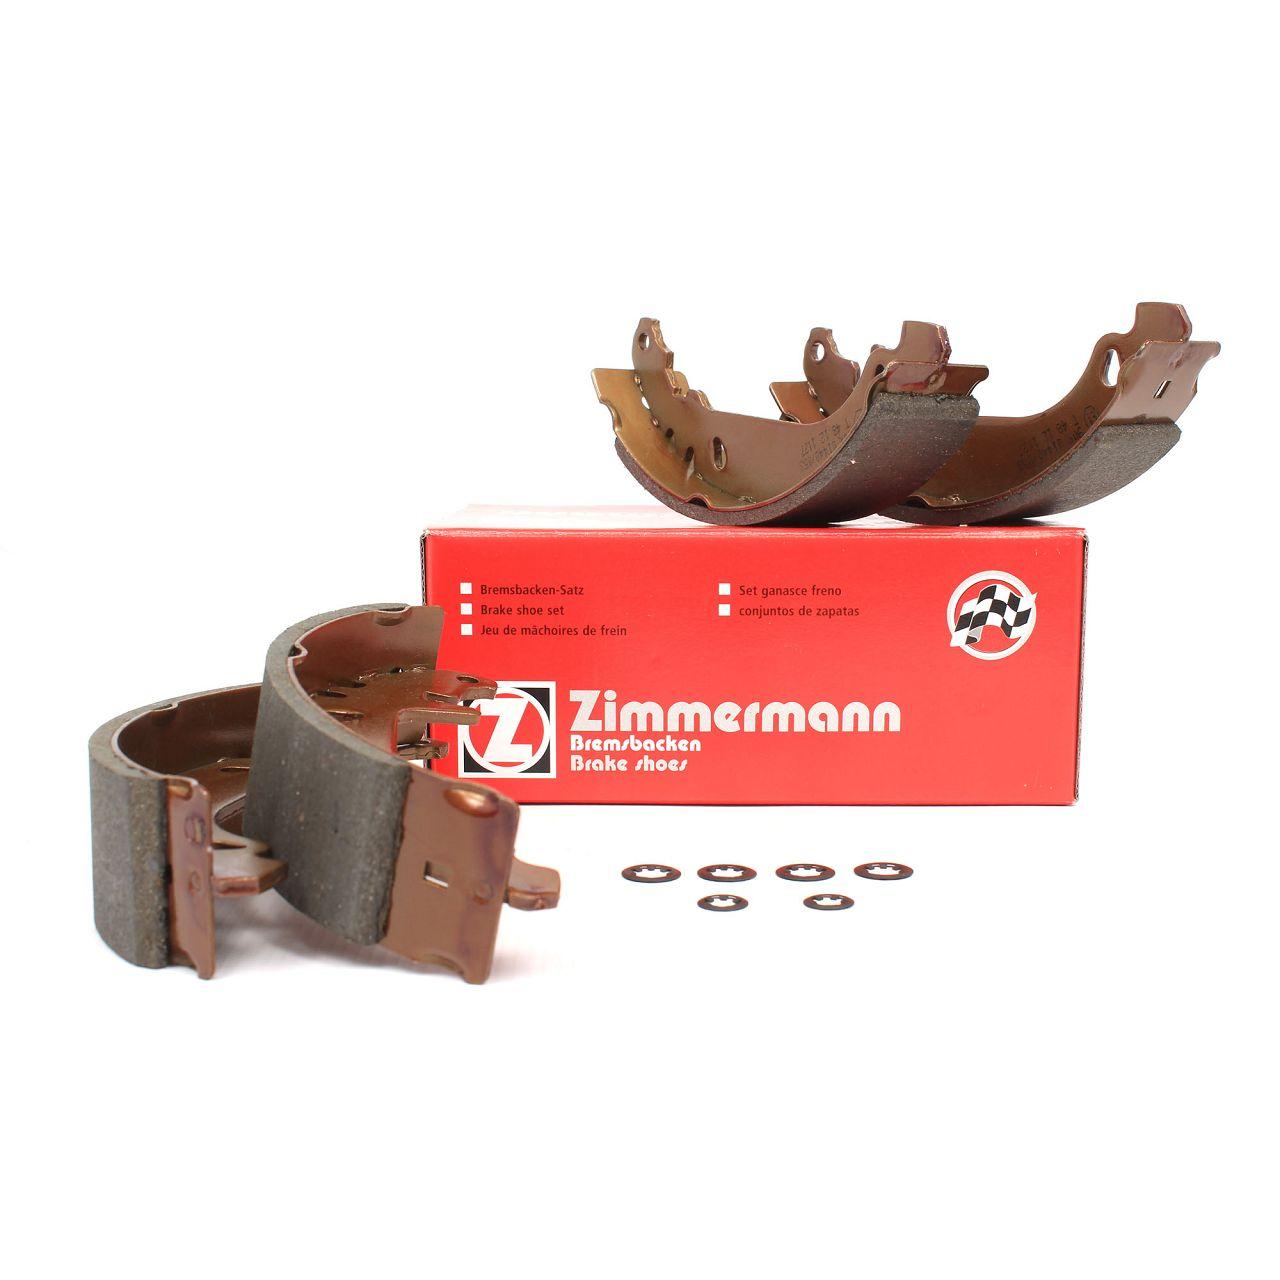 ZIMMERMANN Bremsbacken Satz RENAULT 11 19 21 9 Clio 1 2 Rapid Super 5 Twingo 1